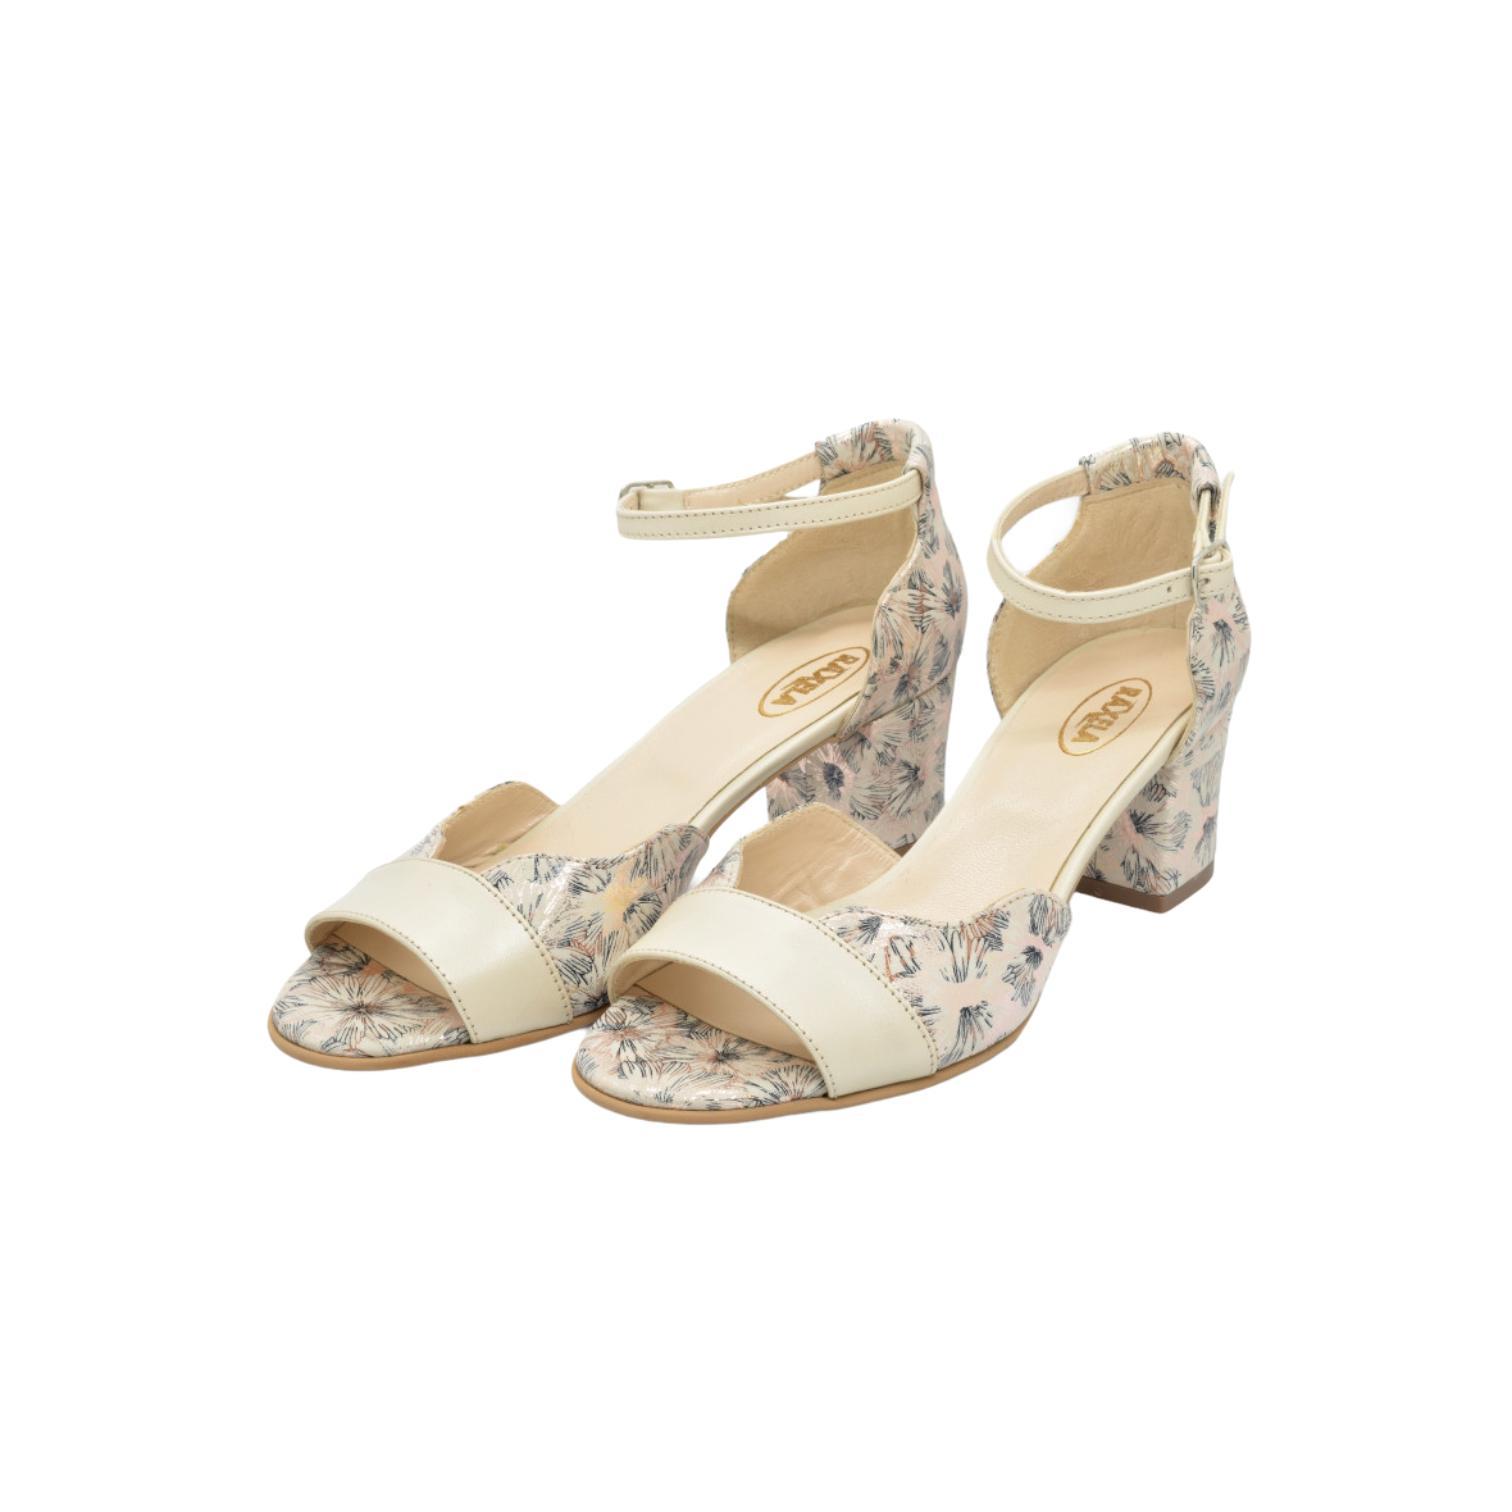 Sandale bej cu model floral